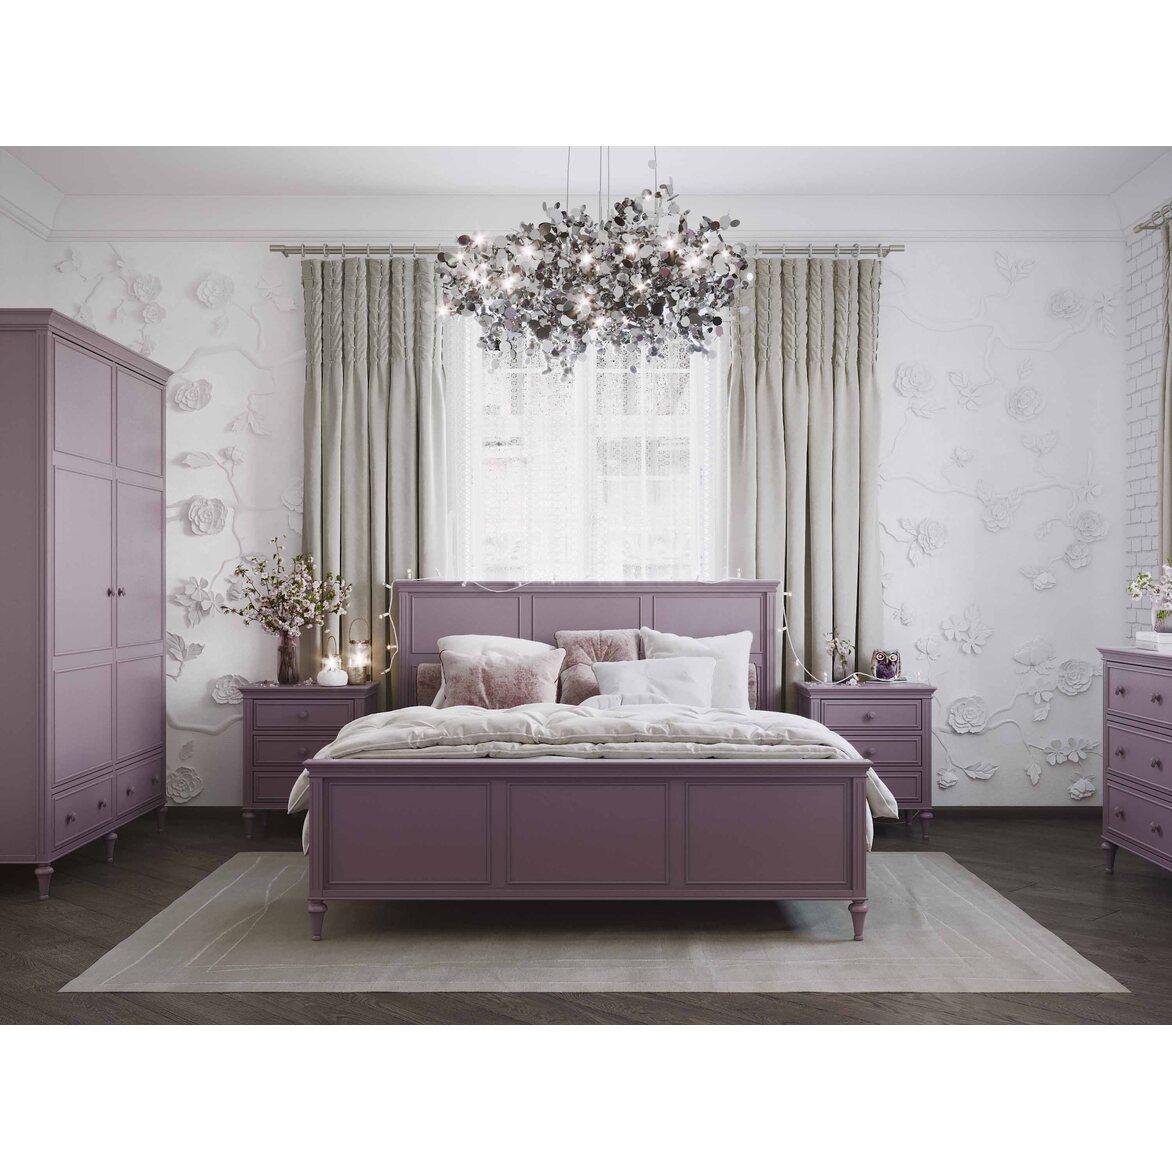 Кровать 180*200 Riverdi, орхидея, с изножьем 3 | Двуспальные кровати Kingsby